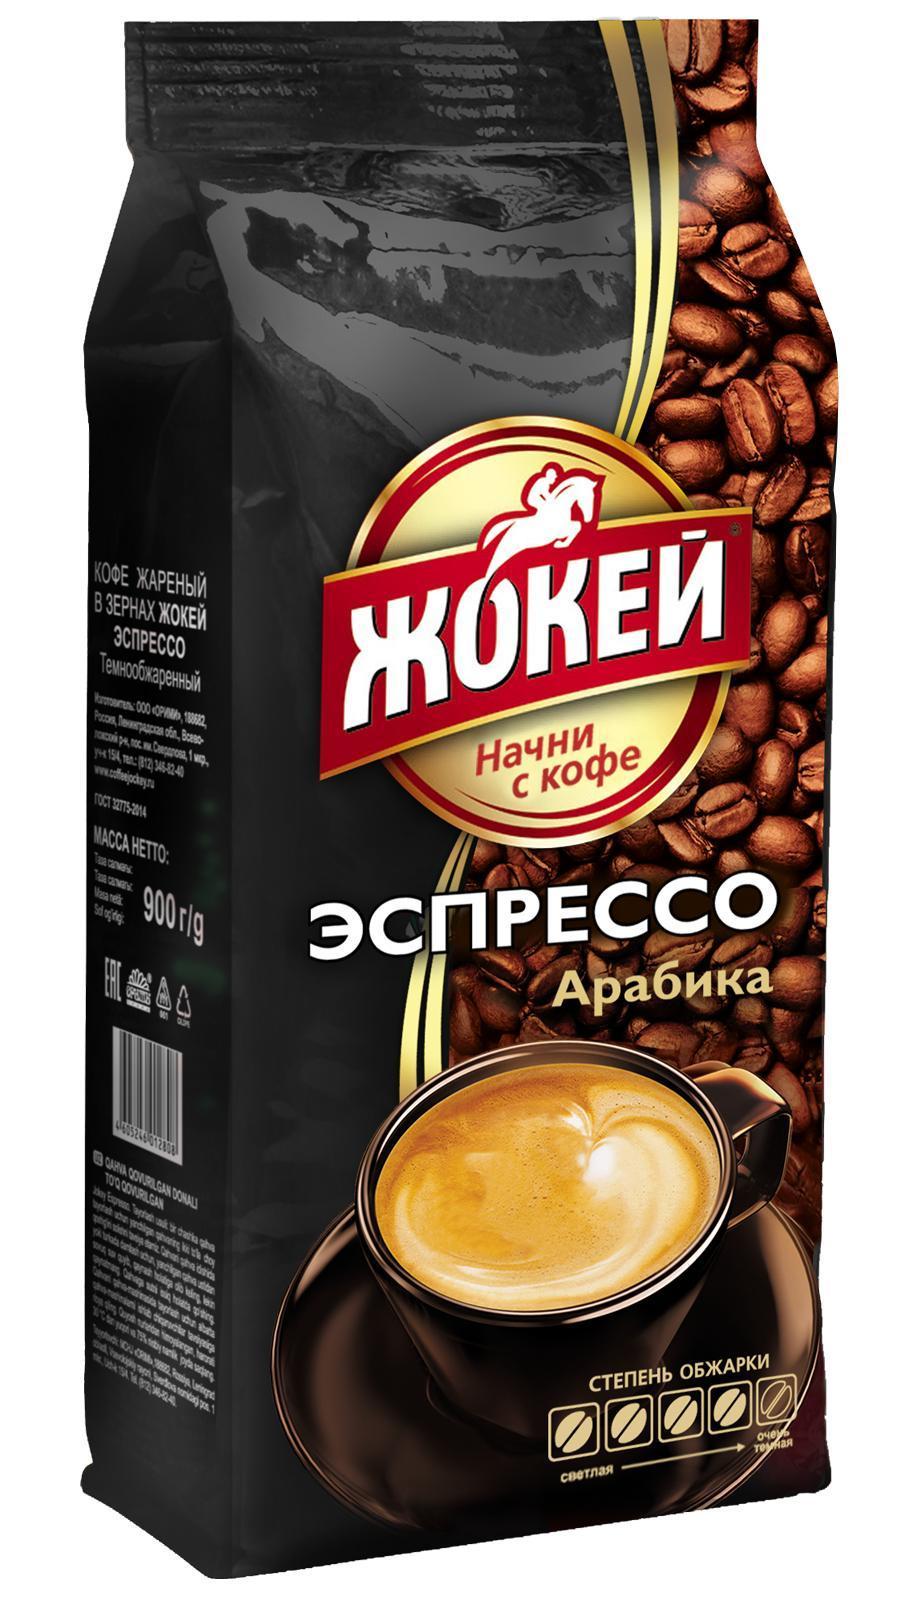 Кофе Жокей Эспрессо арабика в зернах